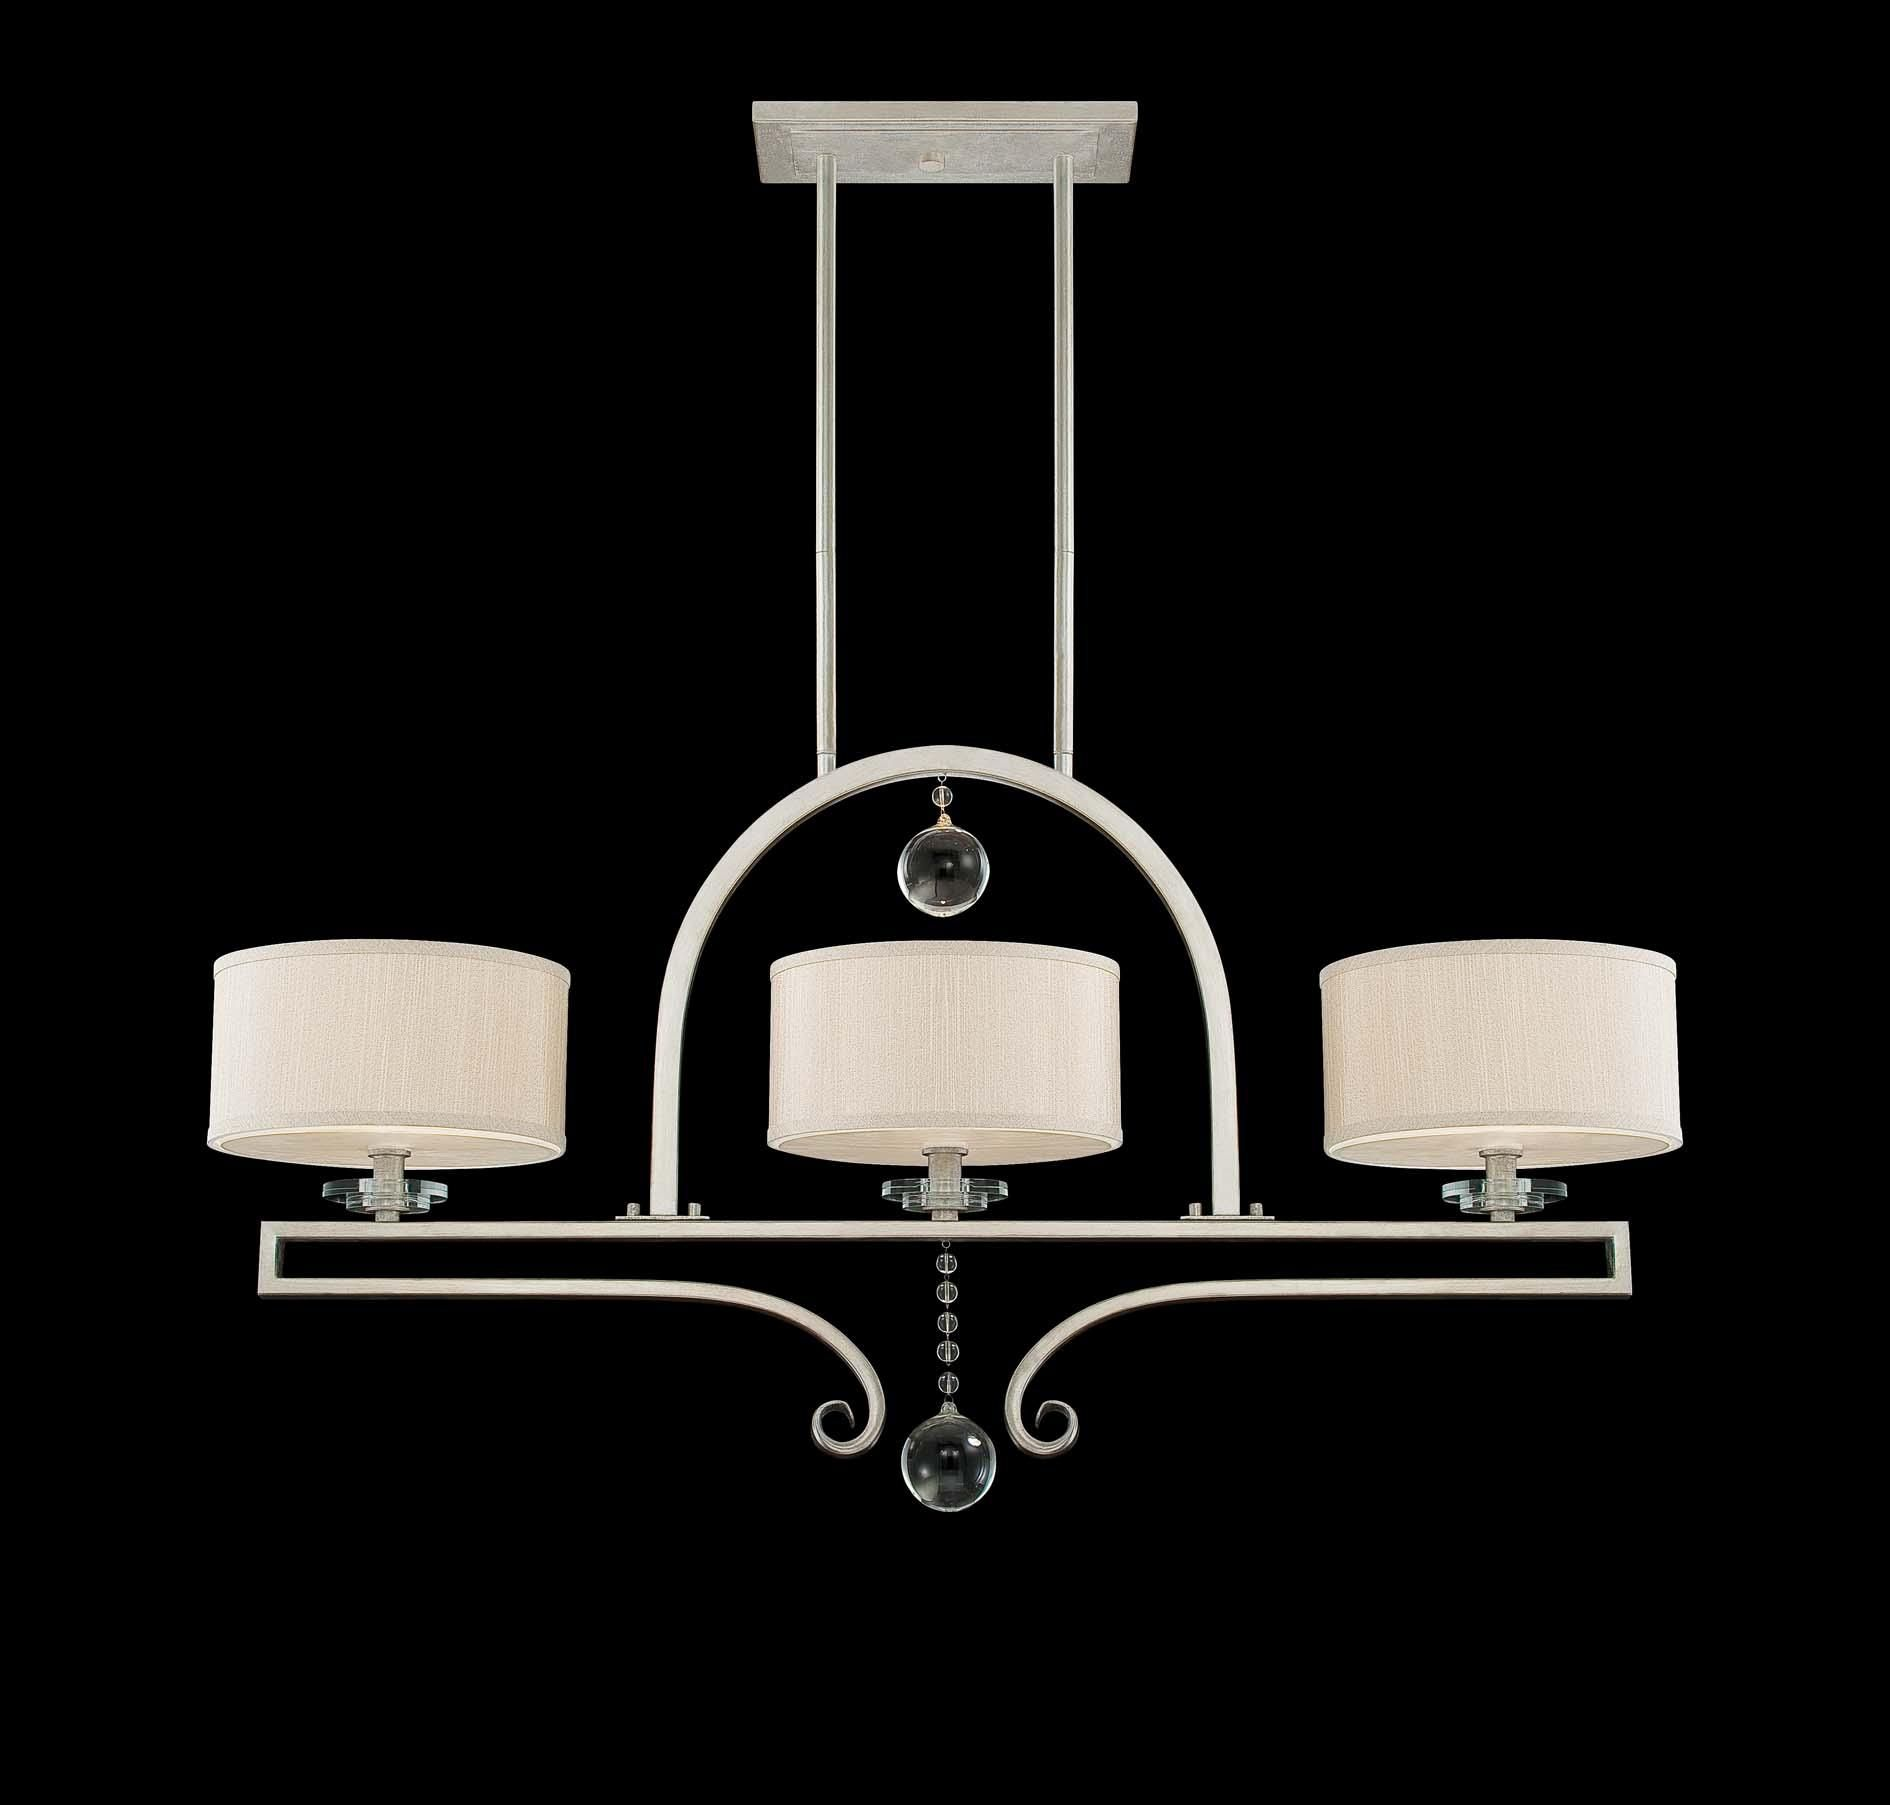 Savoy House 1 252 3 307 Rosendal 3 Light Linear Chandelier In